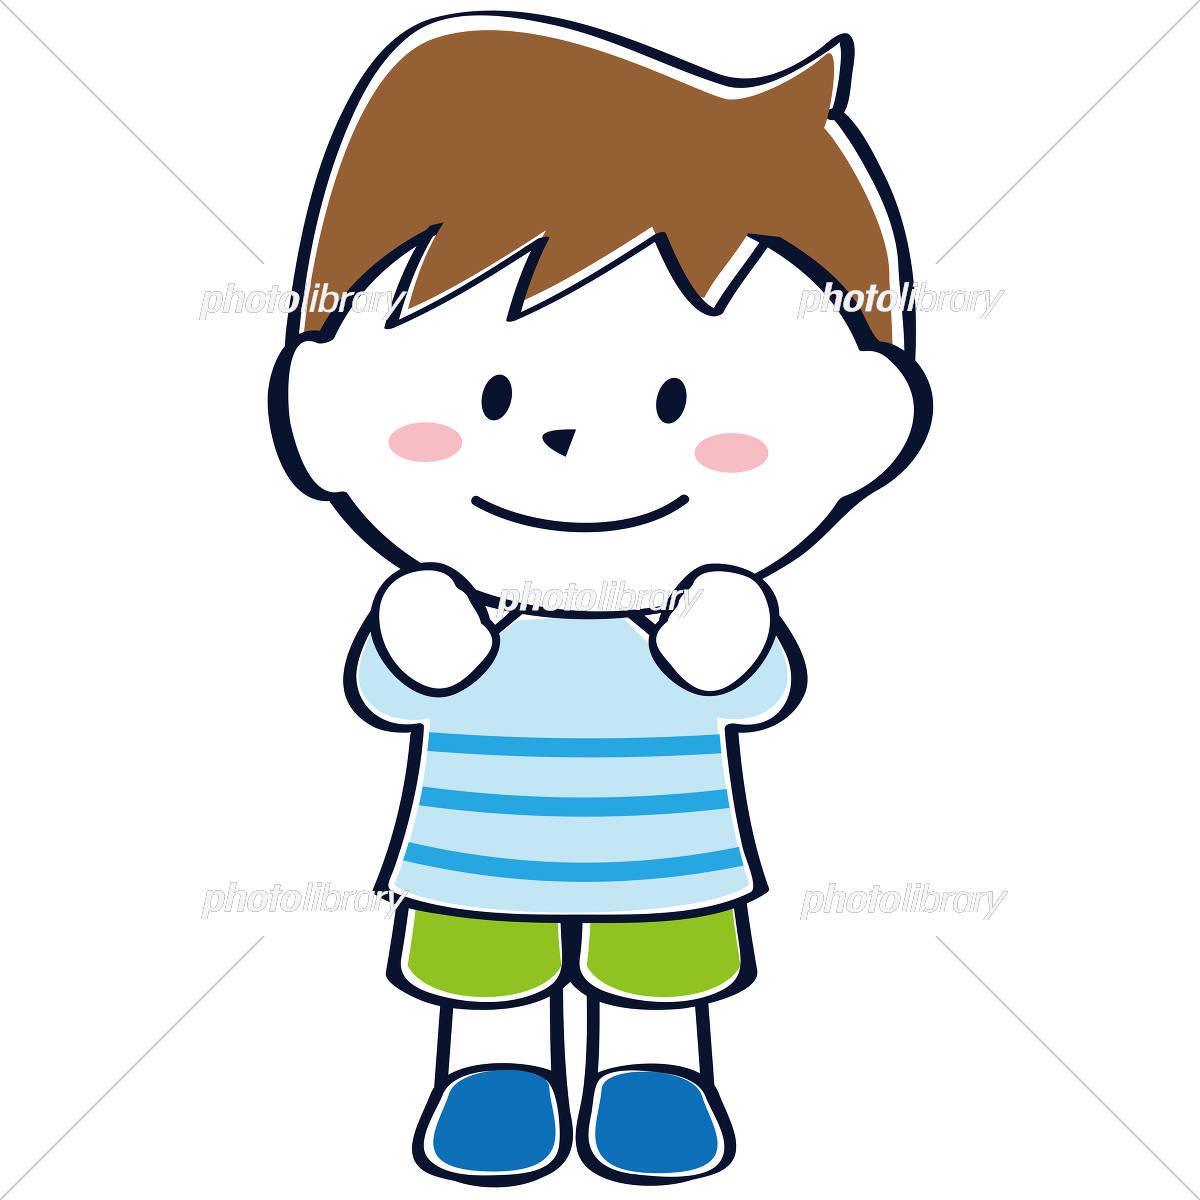 かわいい子供 児童 笑顔 わくわく男の子 イラスト素材 4552404